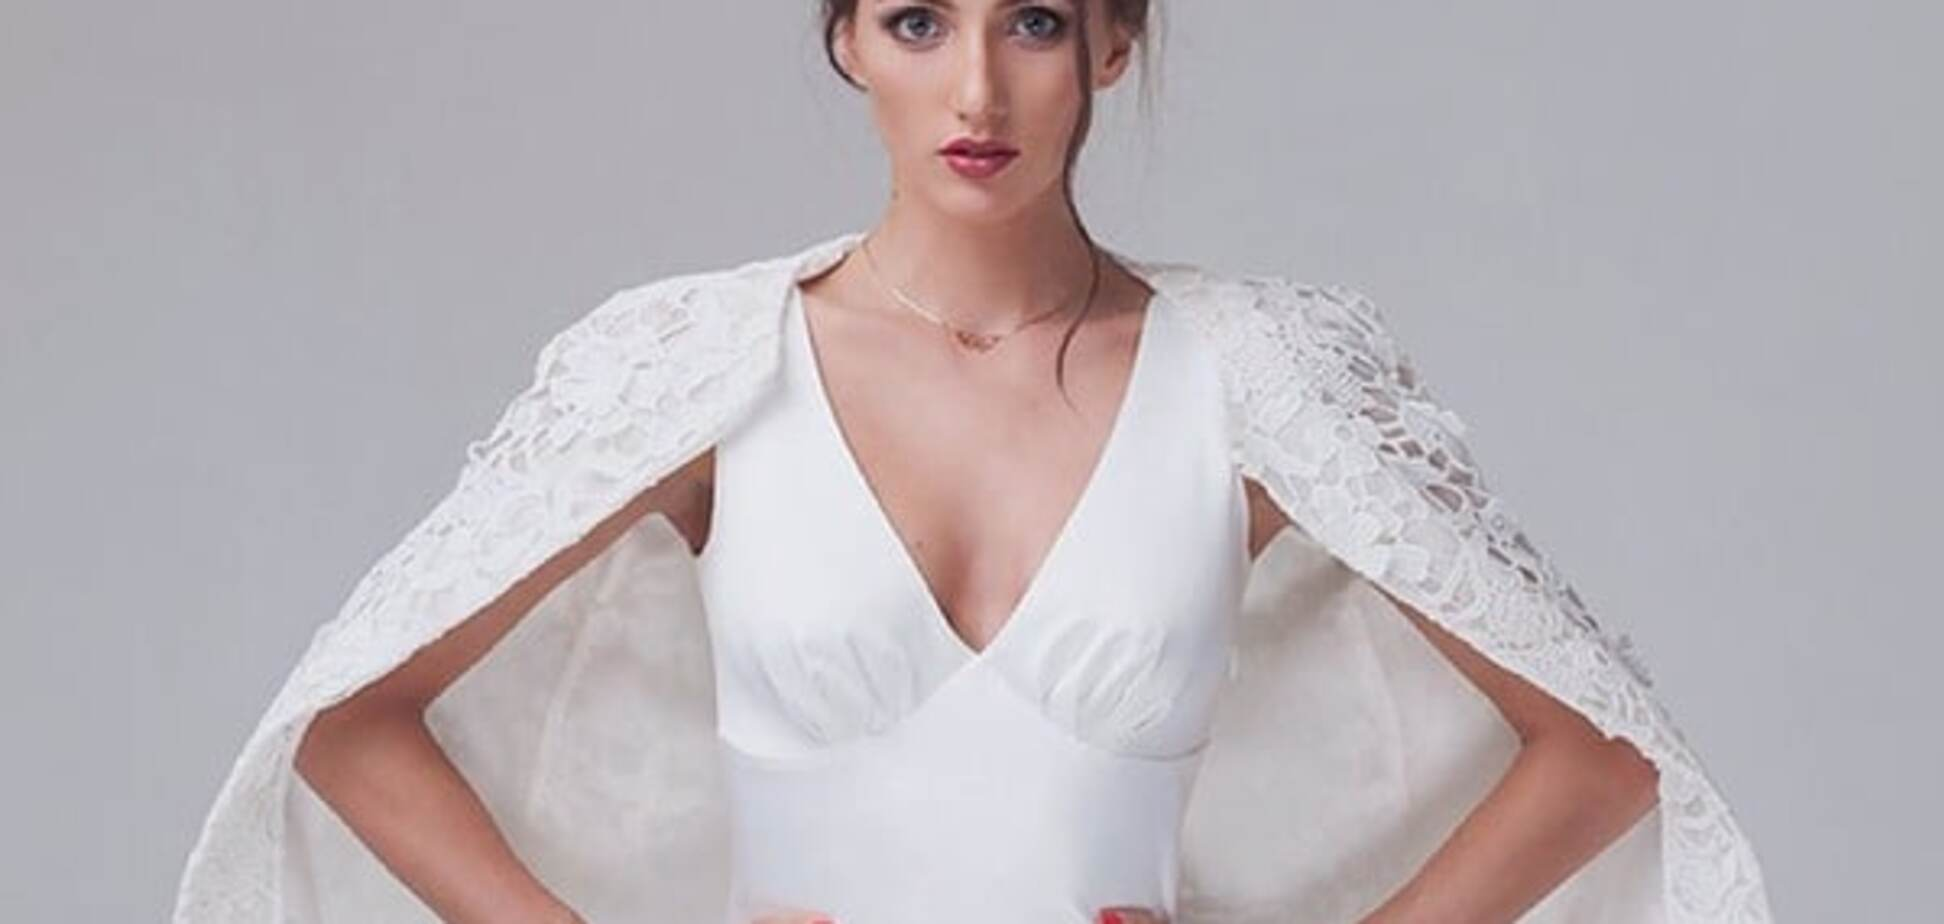 Різатдінова вразила своїм незвичайним образом у розкішних весільних вбраннях